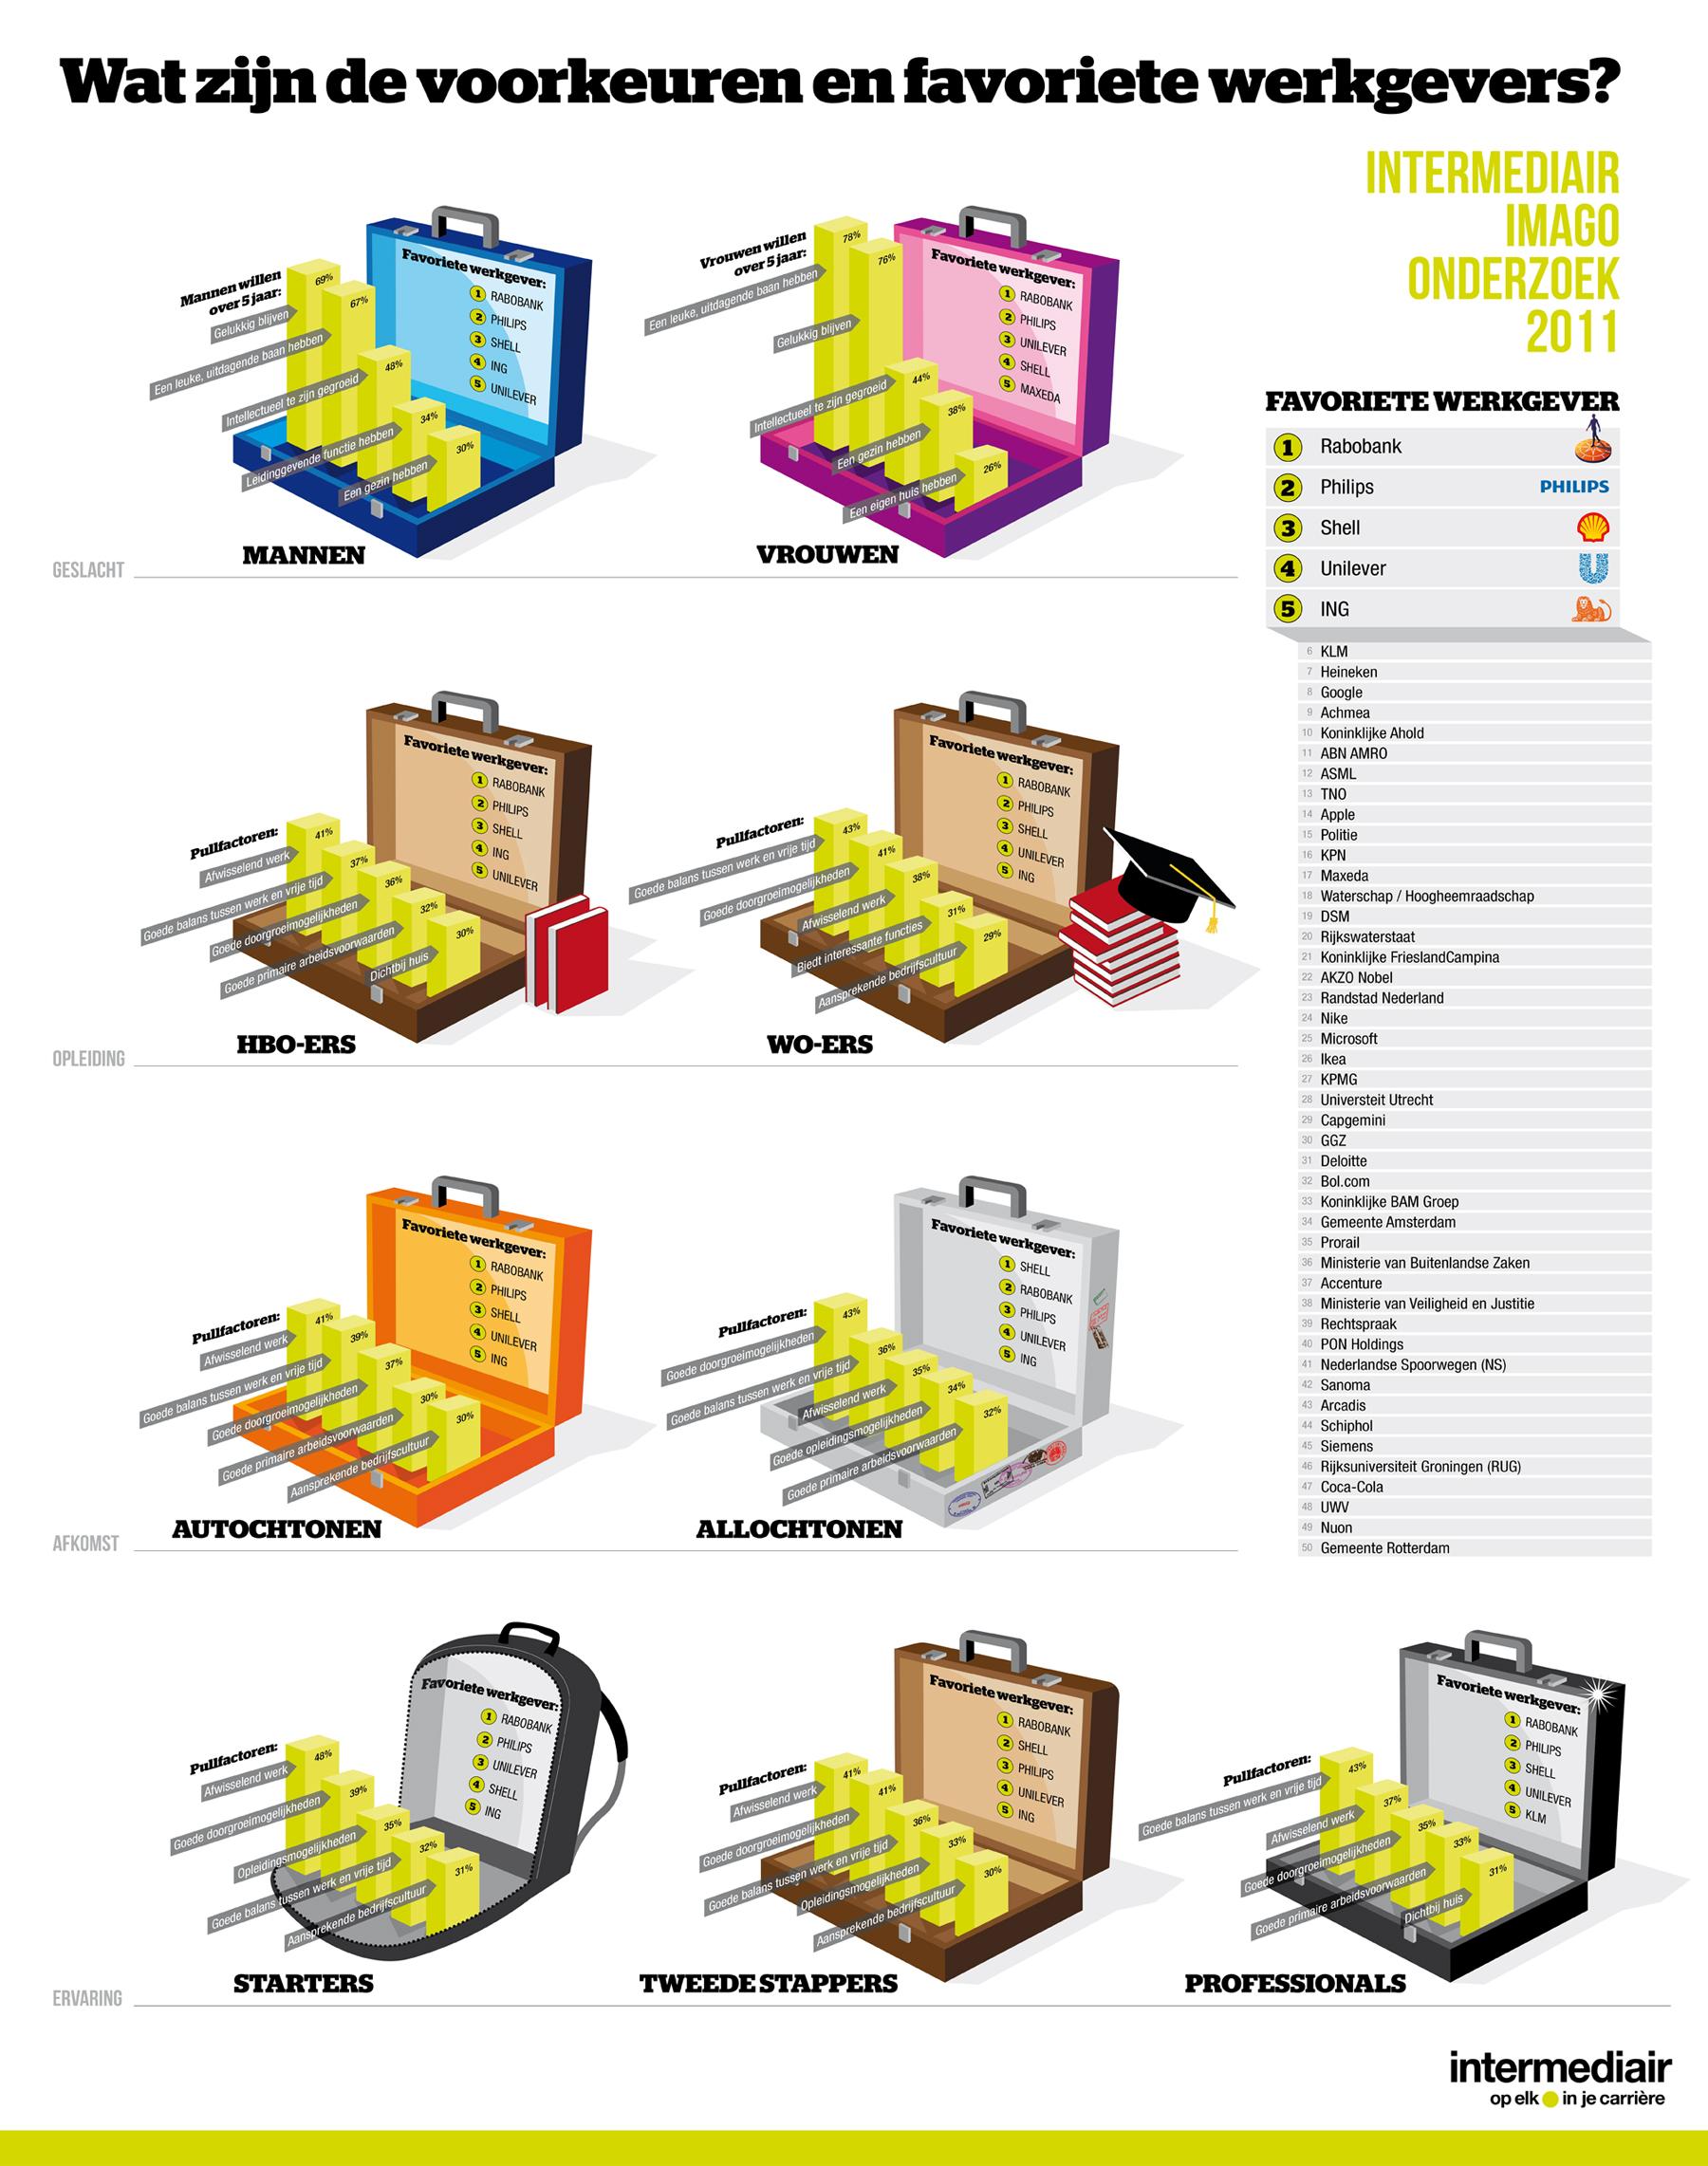 Leuk om te zien dat het Intermediair Imago Onderzoek in 2011 met de tijd meegaat. De resultaten van het onderzoek naar de meest populaire werkgevers in Nederland in 2011 is afgerond, zie hier het volledige artikel op Intermediair.nl, en men heeft de voorkeuren van mannen/vrouwen, HBO/WO-ers, autochtonen/allochtonen en starters/tweede stappers/professionals […]